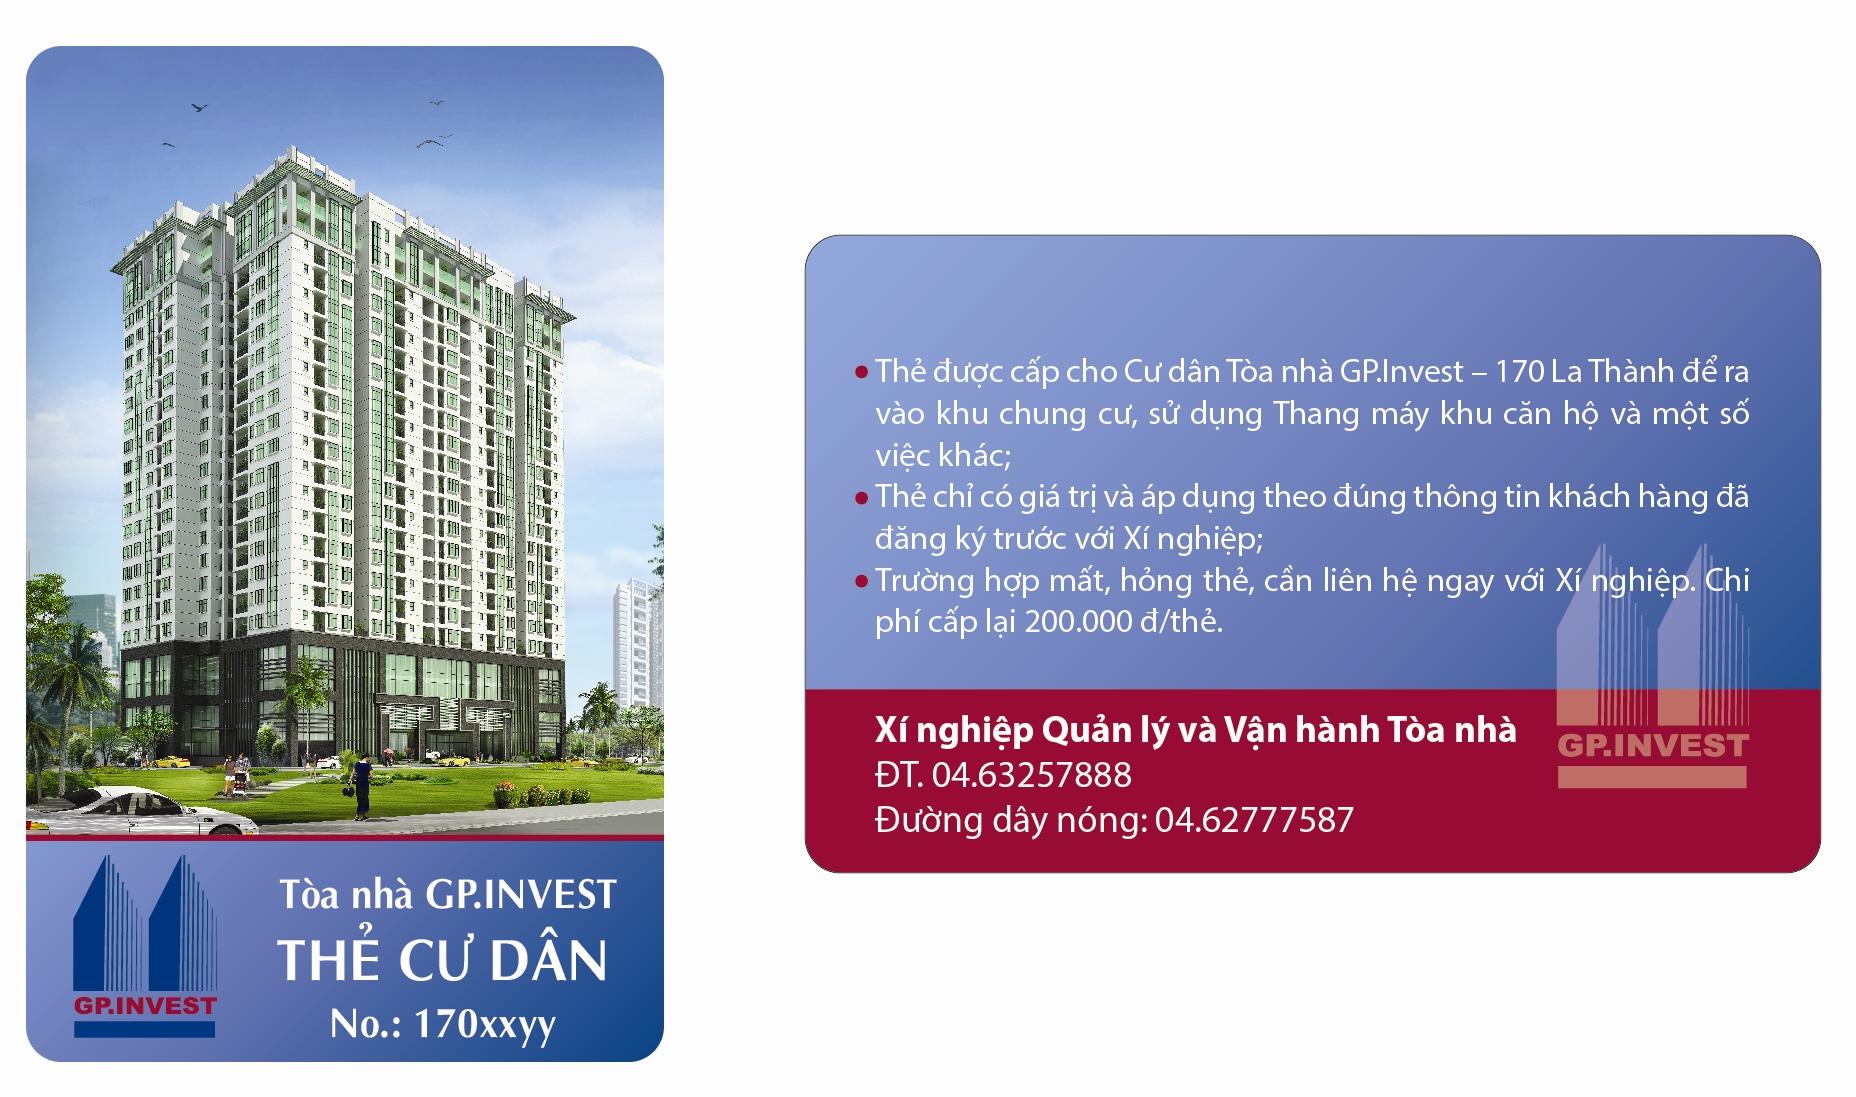 <strong>Lắp đặt Thẻ từ thang máy tòa nhà chung cư</strong>